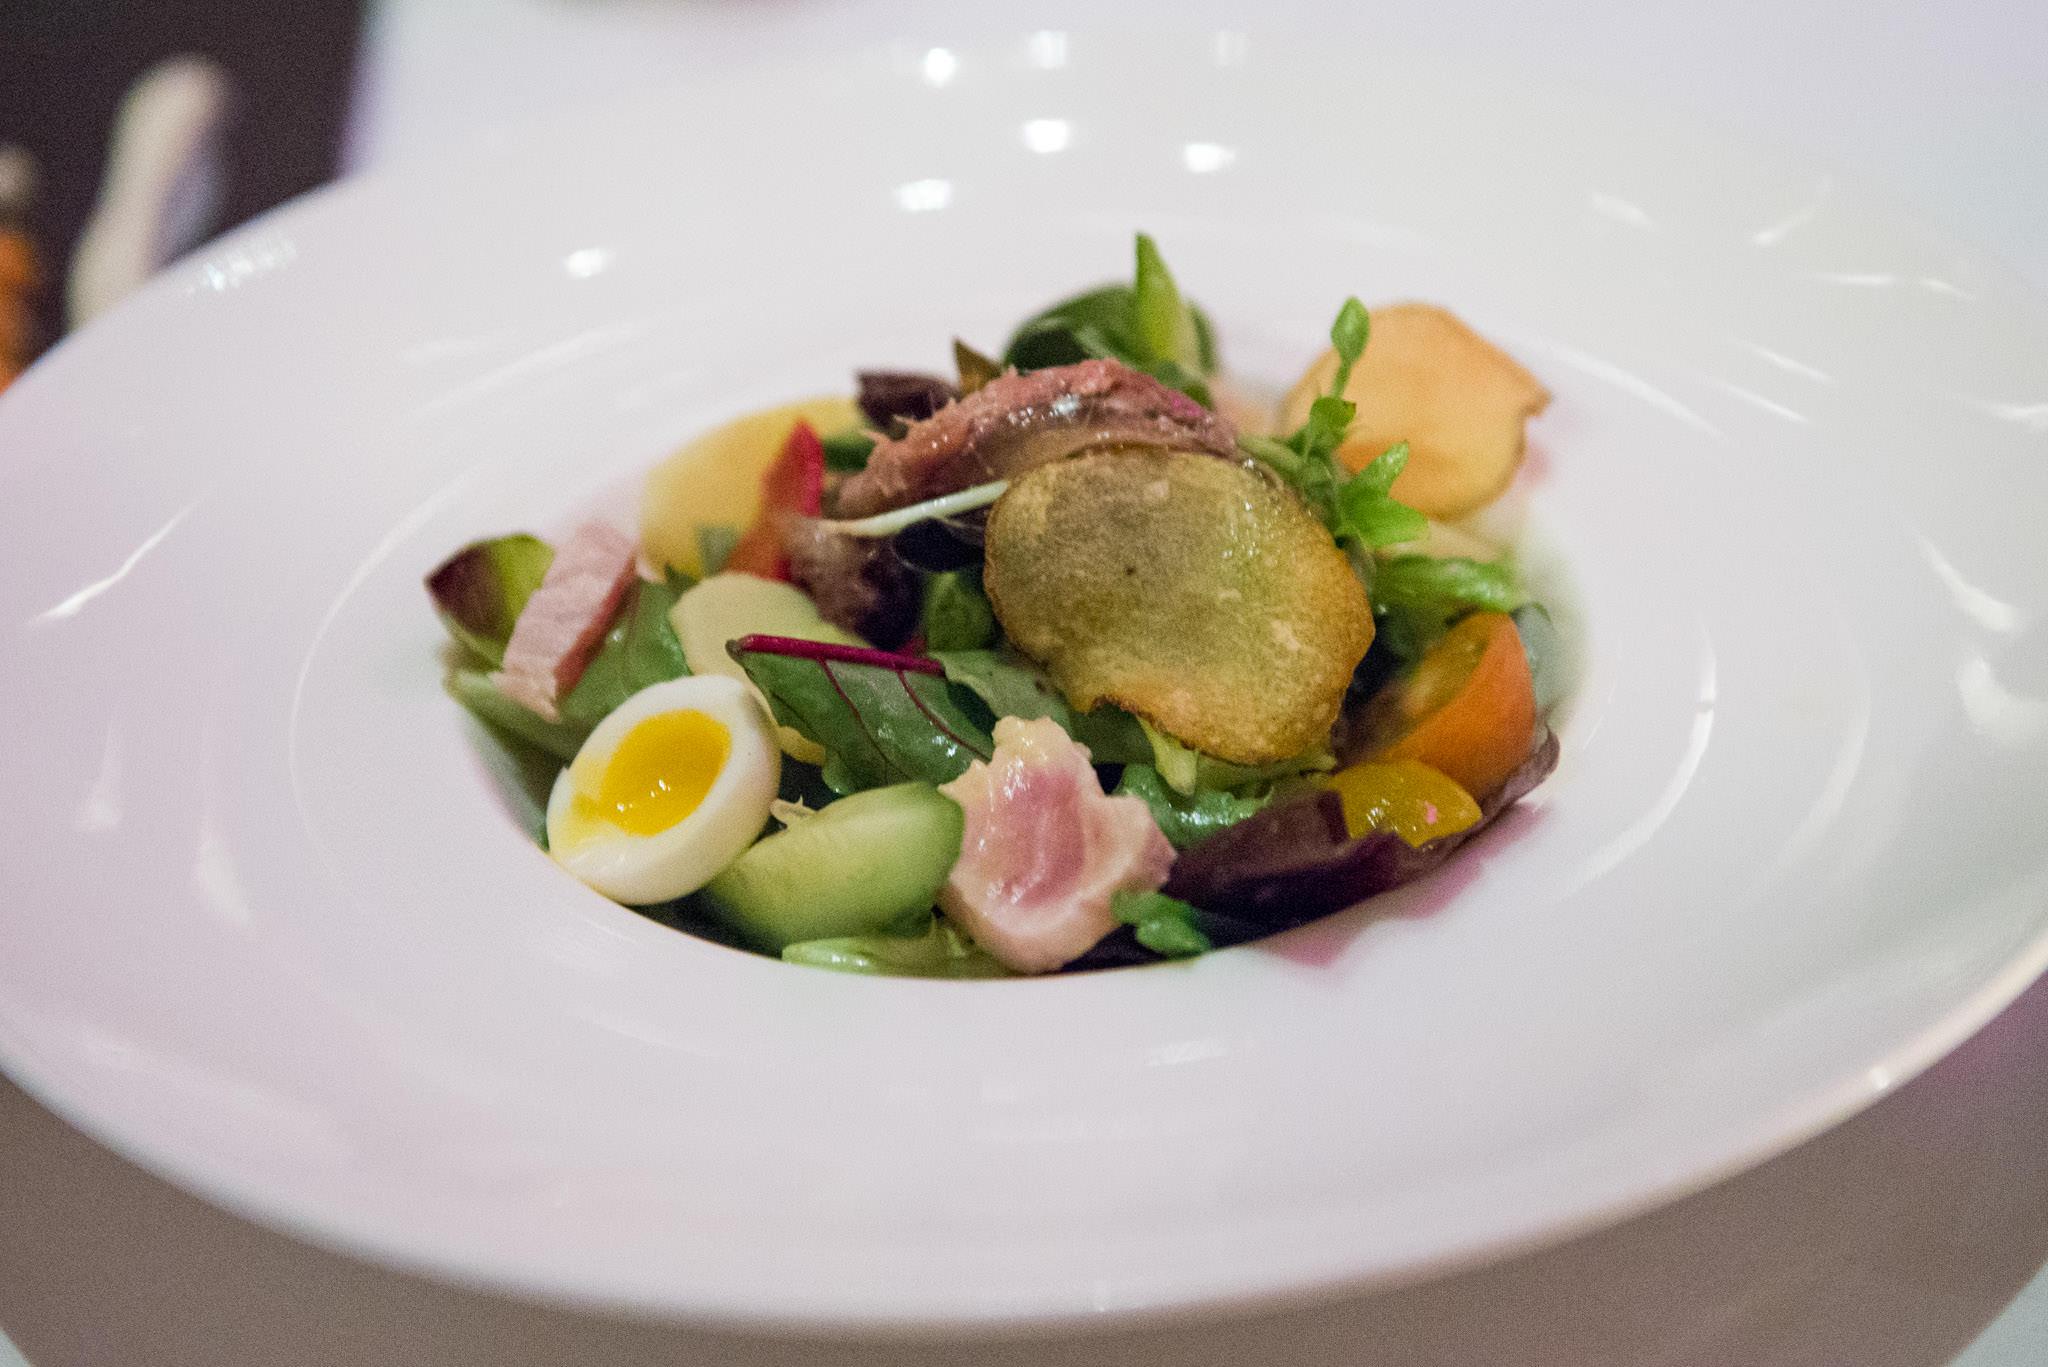 Traiteur niçoise salad